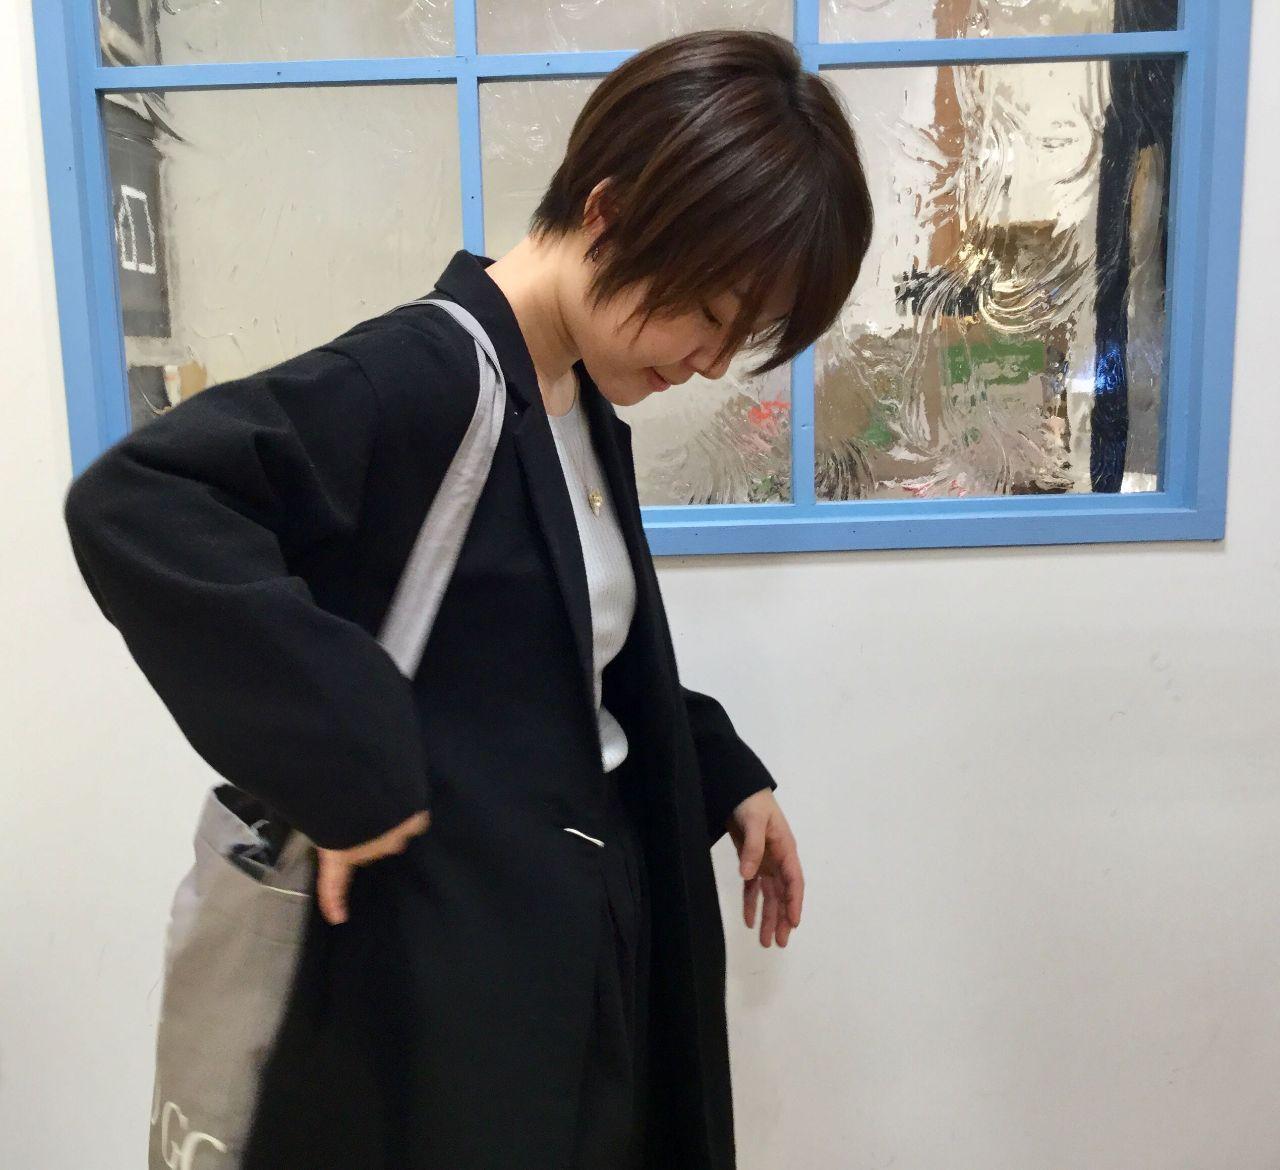 230e7dc227d79 みなさまこんにちは☀ 今回ブログを担当させていただきます、studio CLIP近鉄百貨店生駒店のKです。春服.